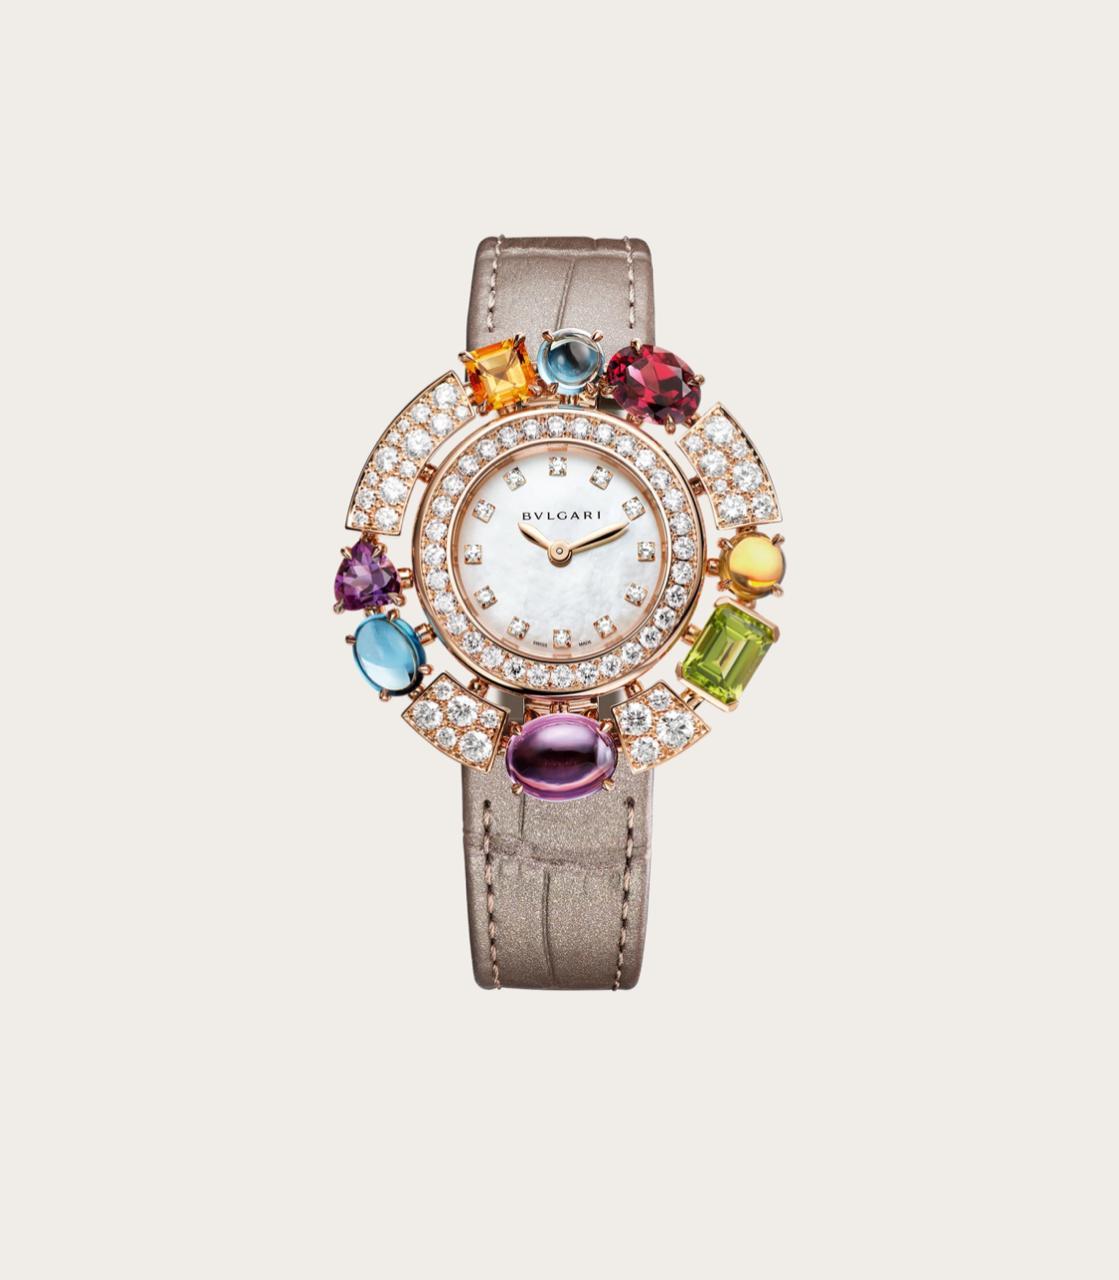 ساعة أليغرا من بولغري Bvlgari